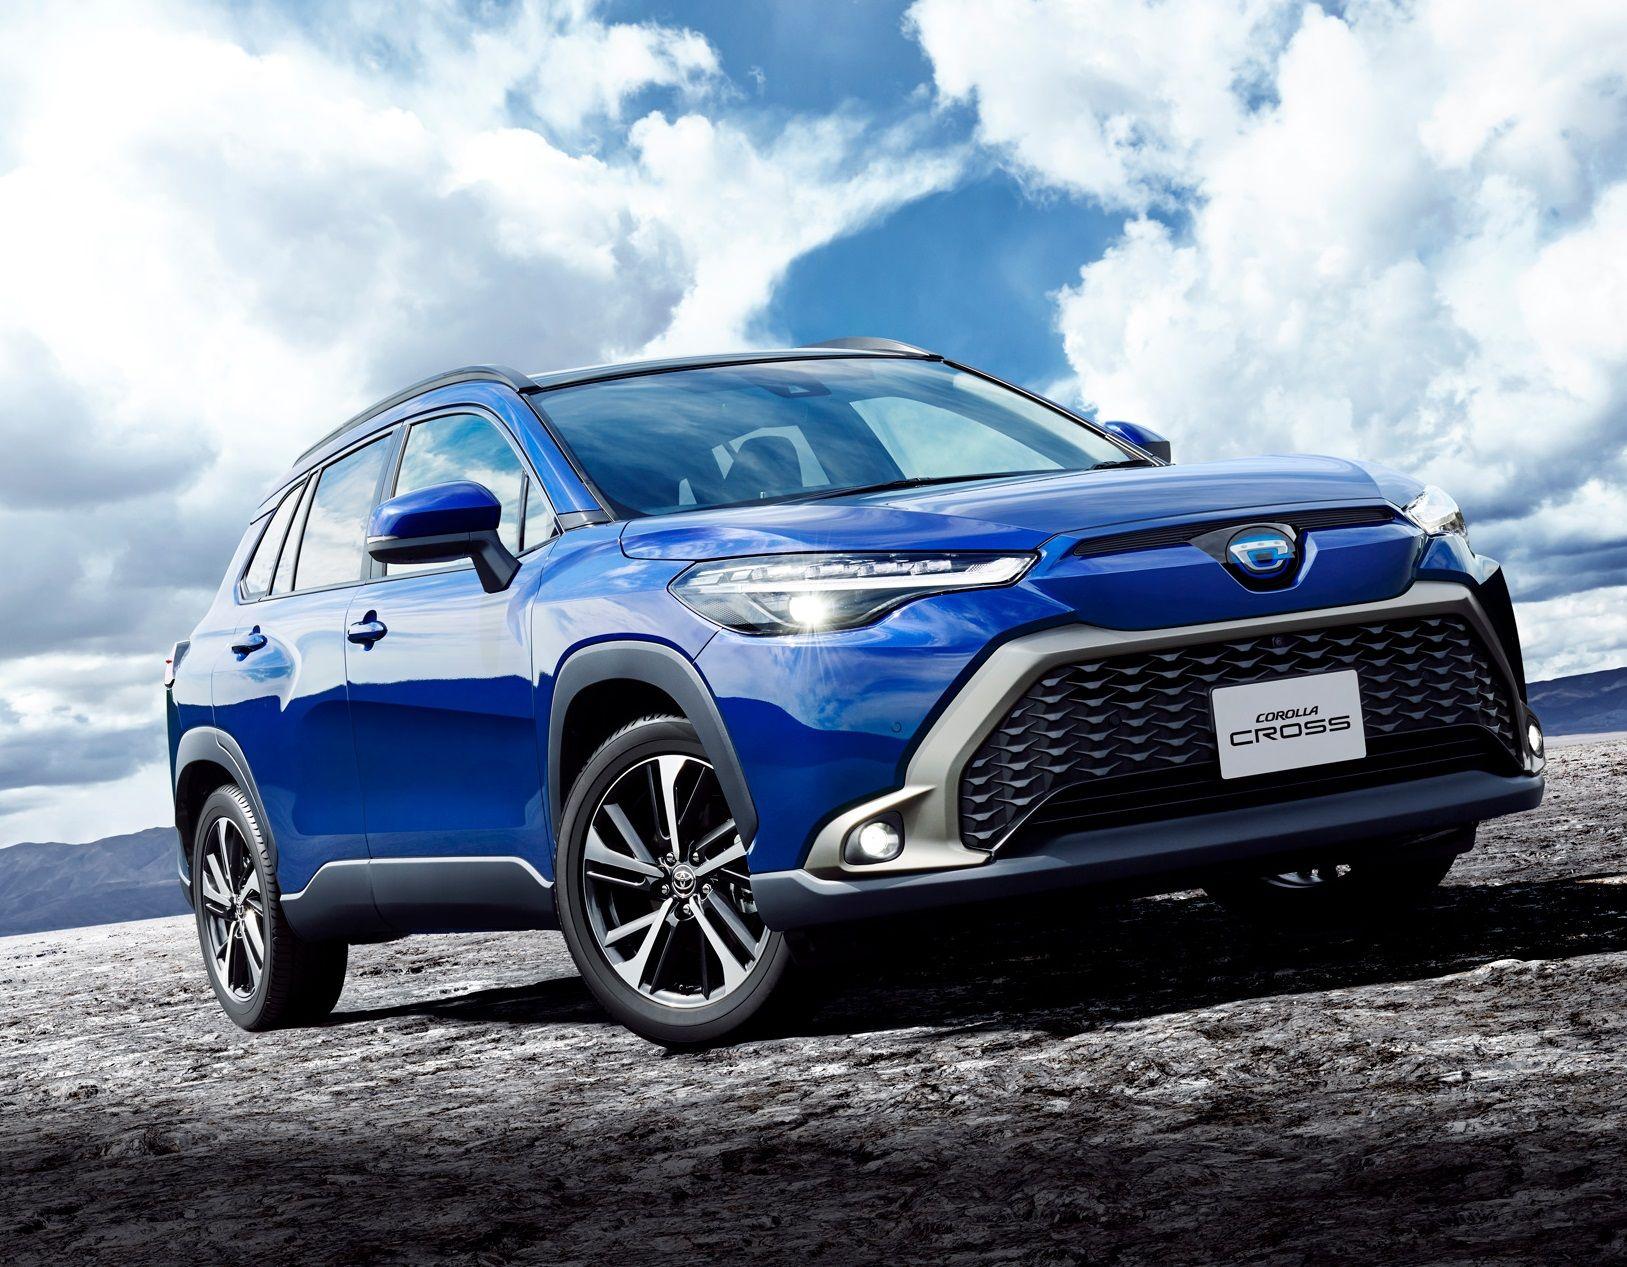 トヨタ、10月の国内生産 全14工場で稼働調整 最大11日間 「カローラクロス」「アクア」など納期長期化避けられず